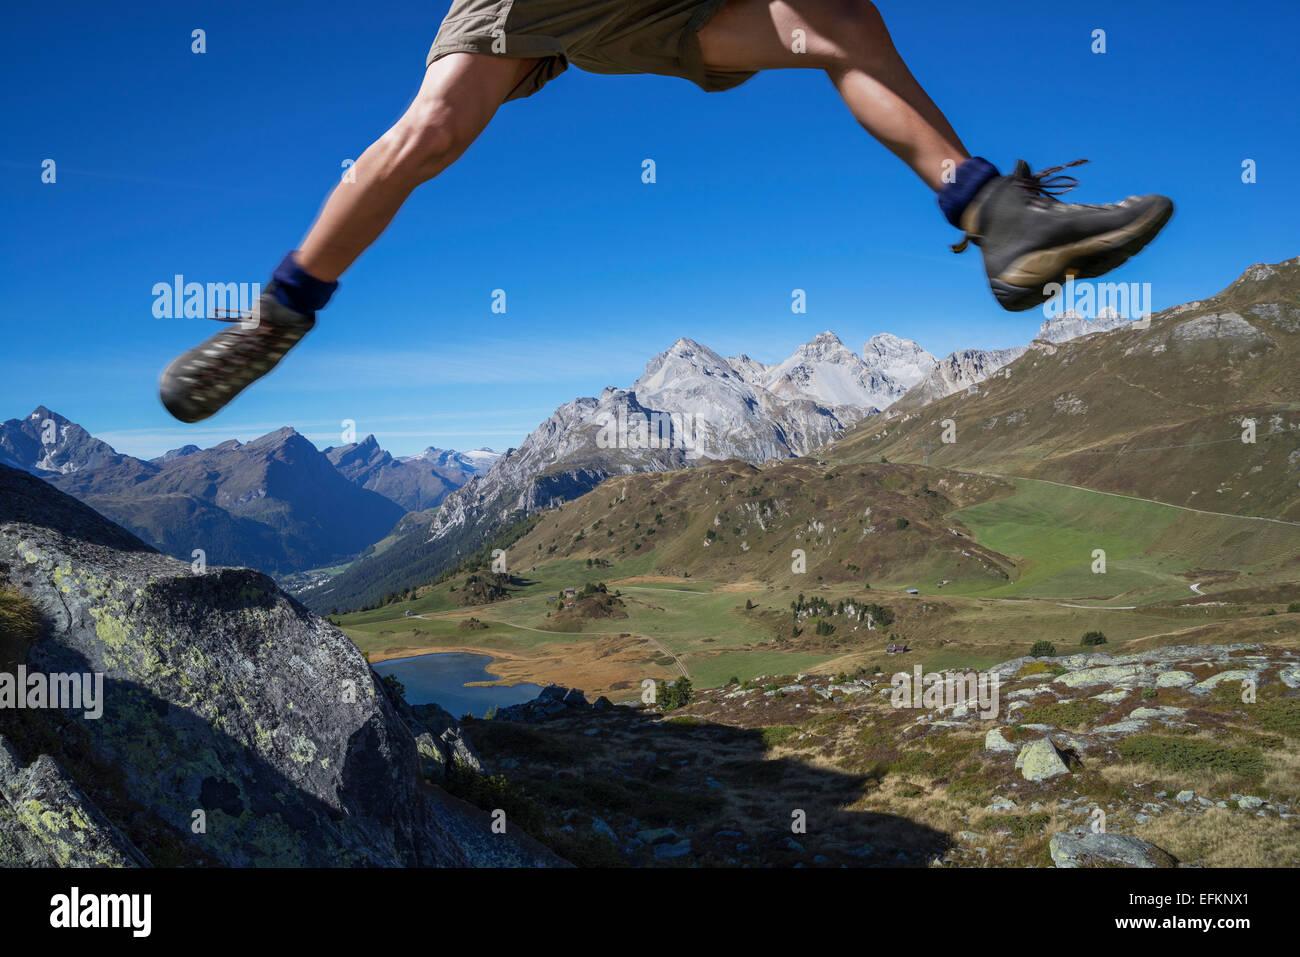 Le gambe dei maschi di escursionista saltando su rocce, Lai da Fons, Canton Grigioni, Svizzera Immagini Stock